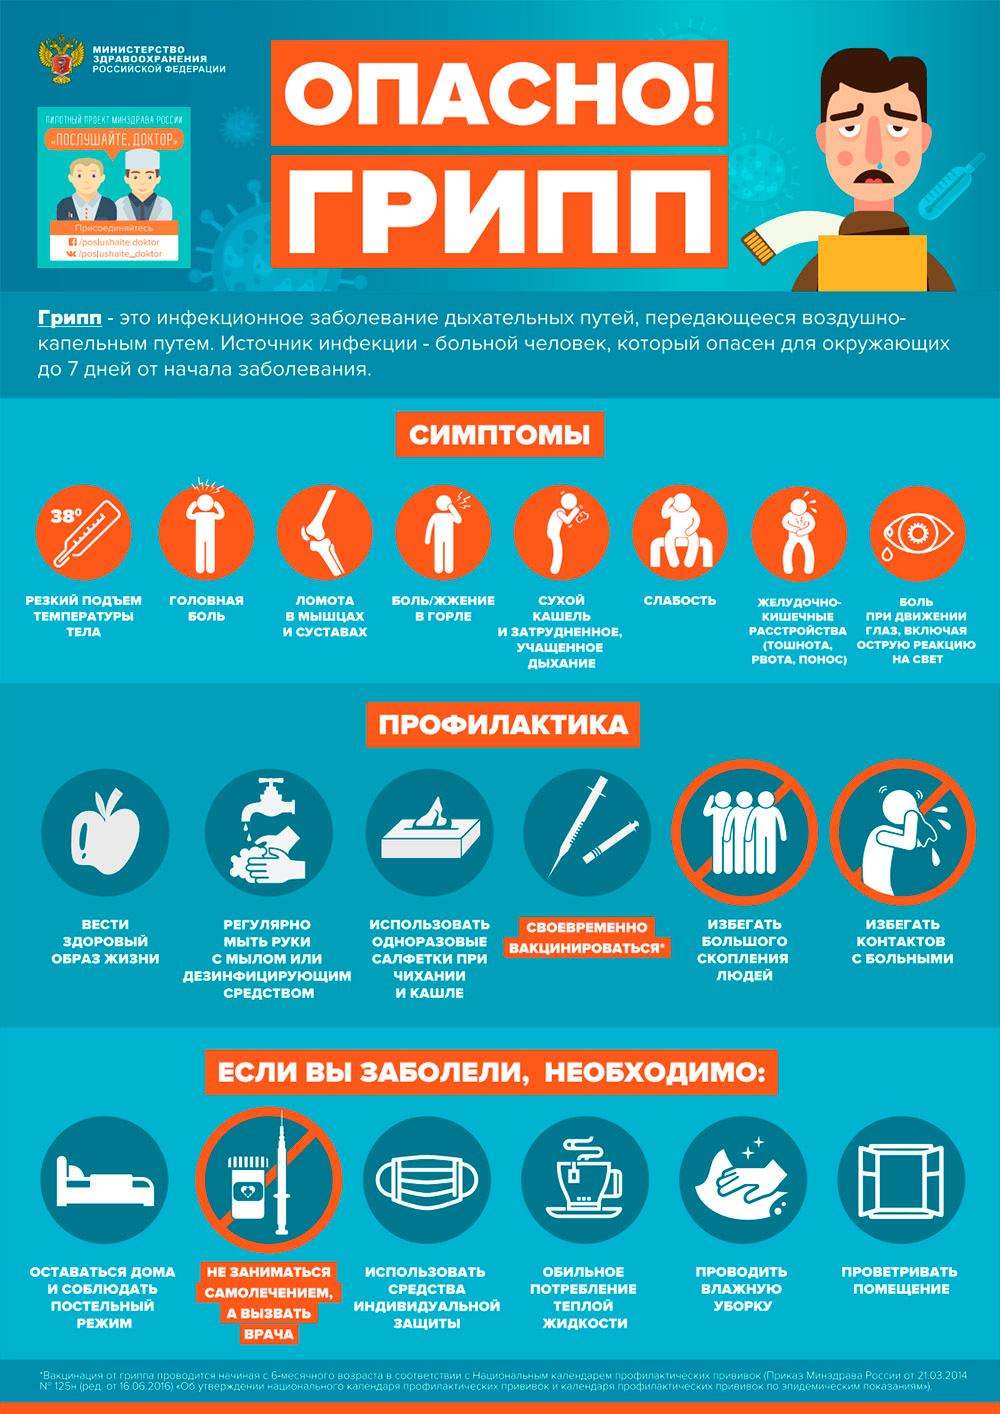 Городская больница 25 нижний новгород официальный сайт